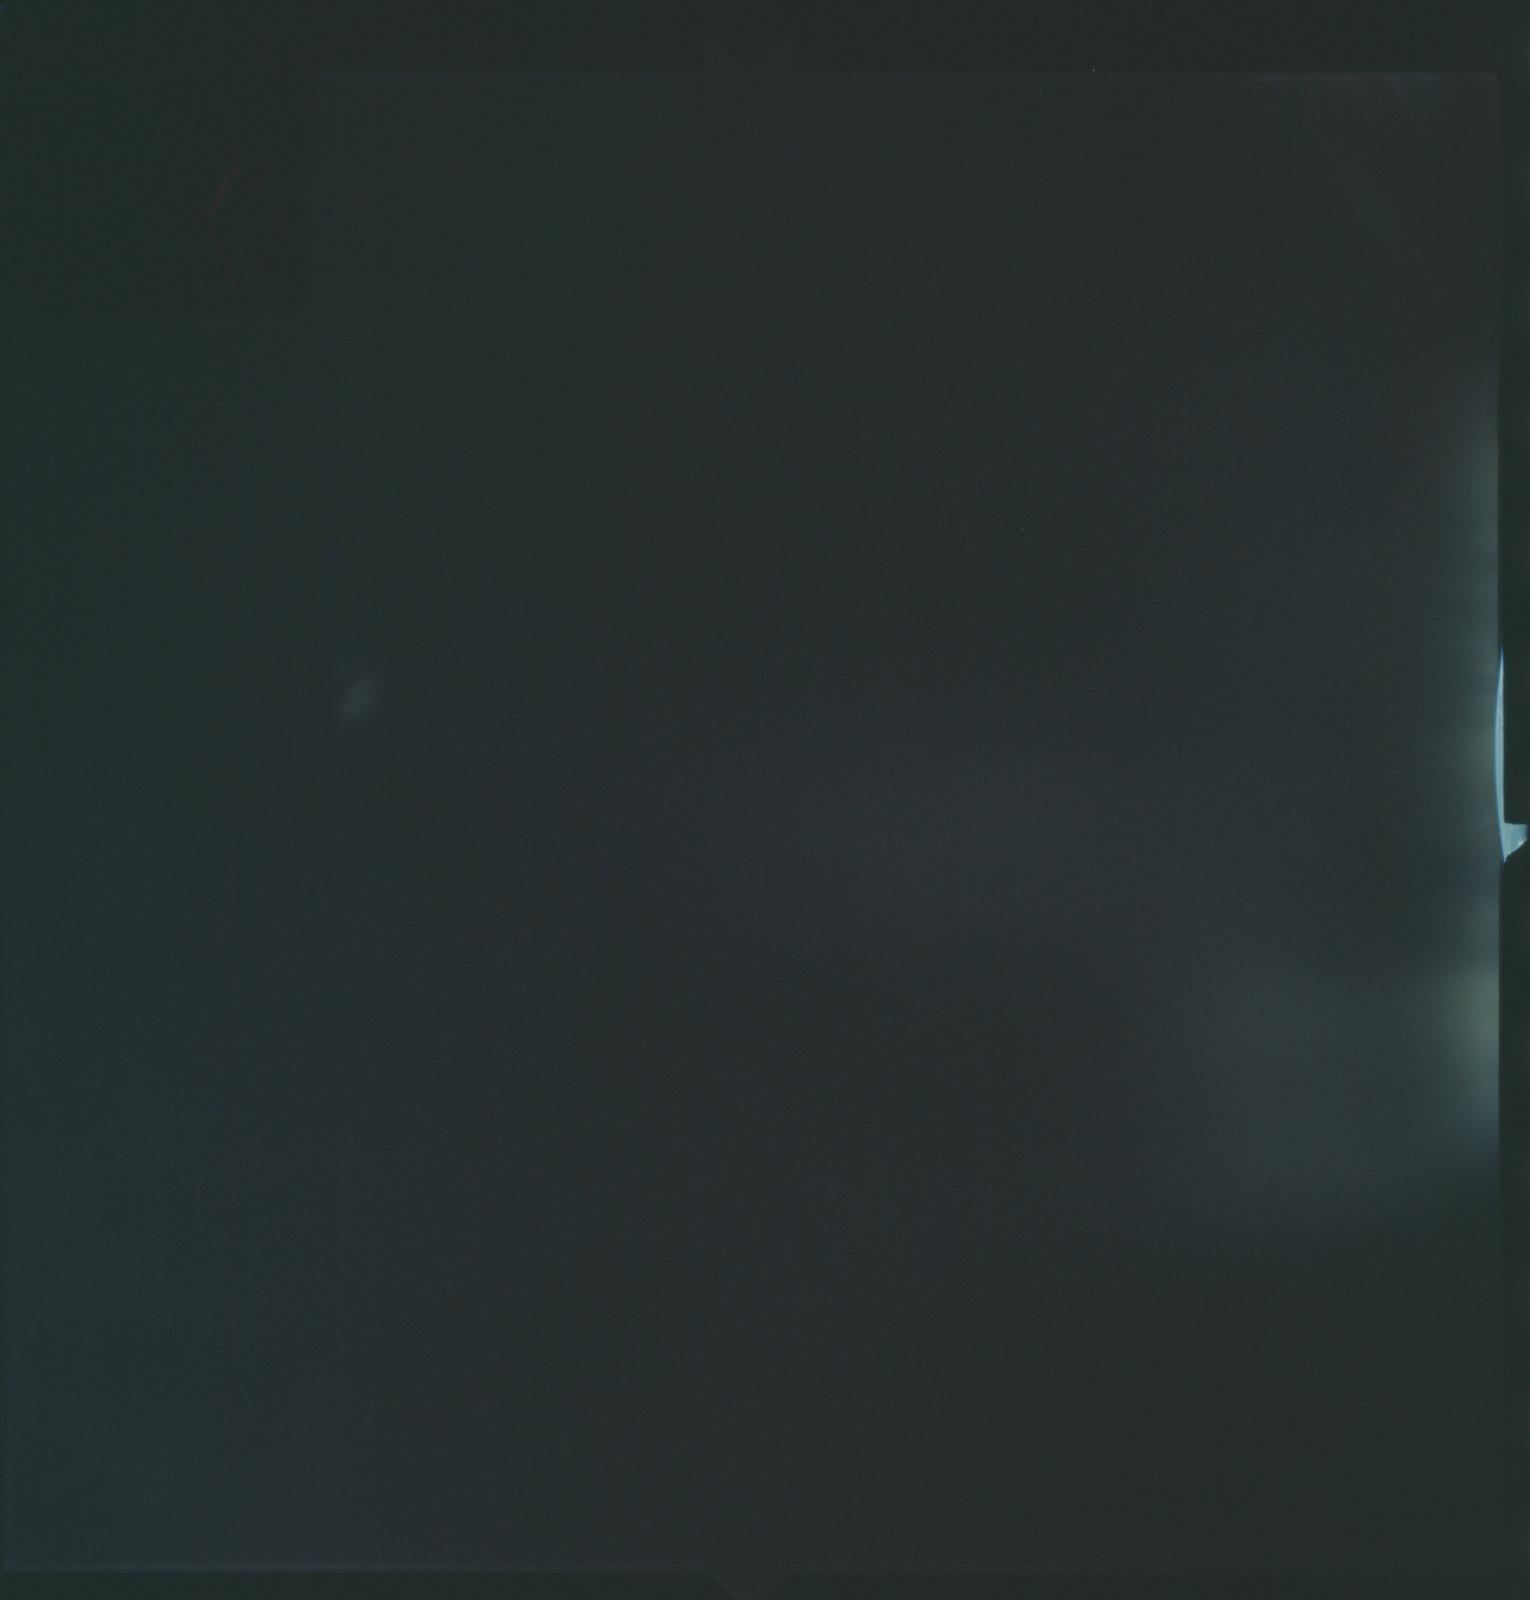 AS04-01-046 - Apollo 4